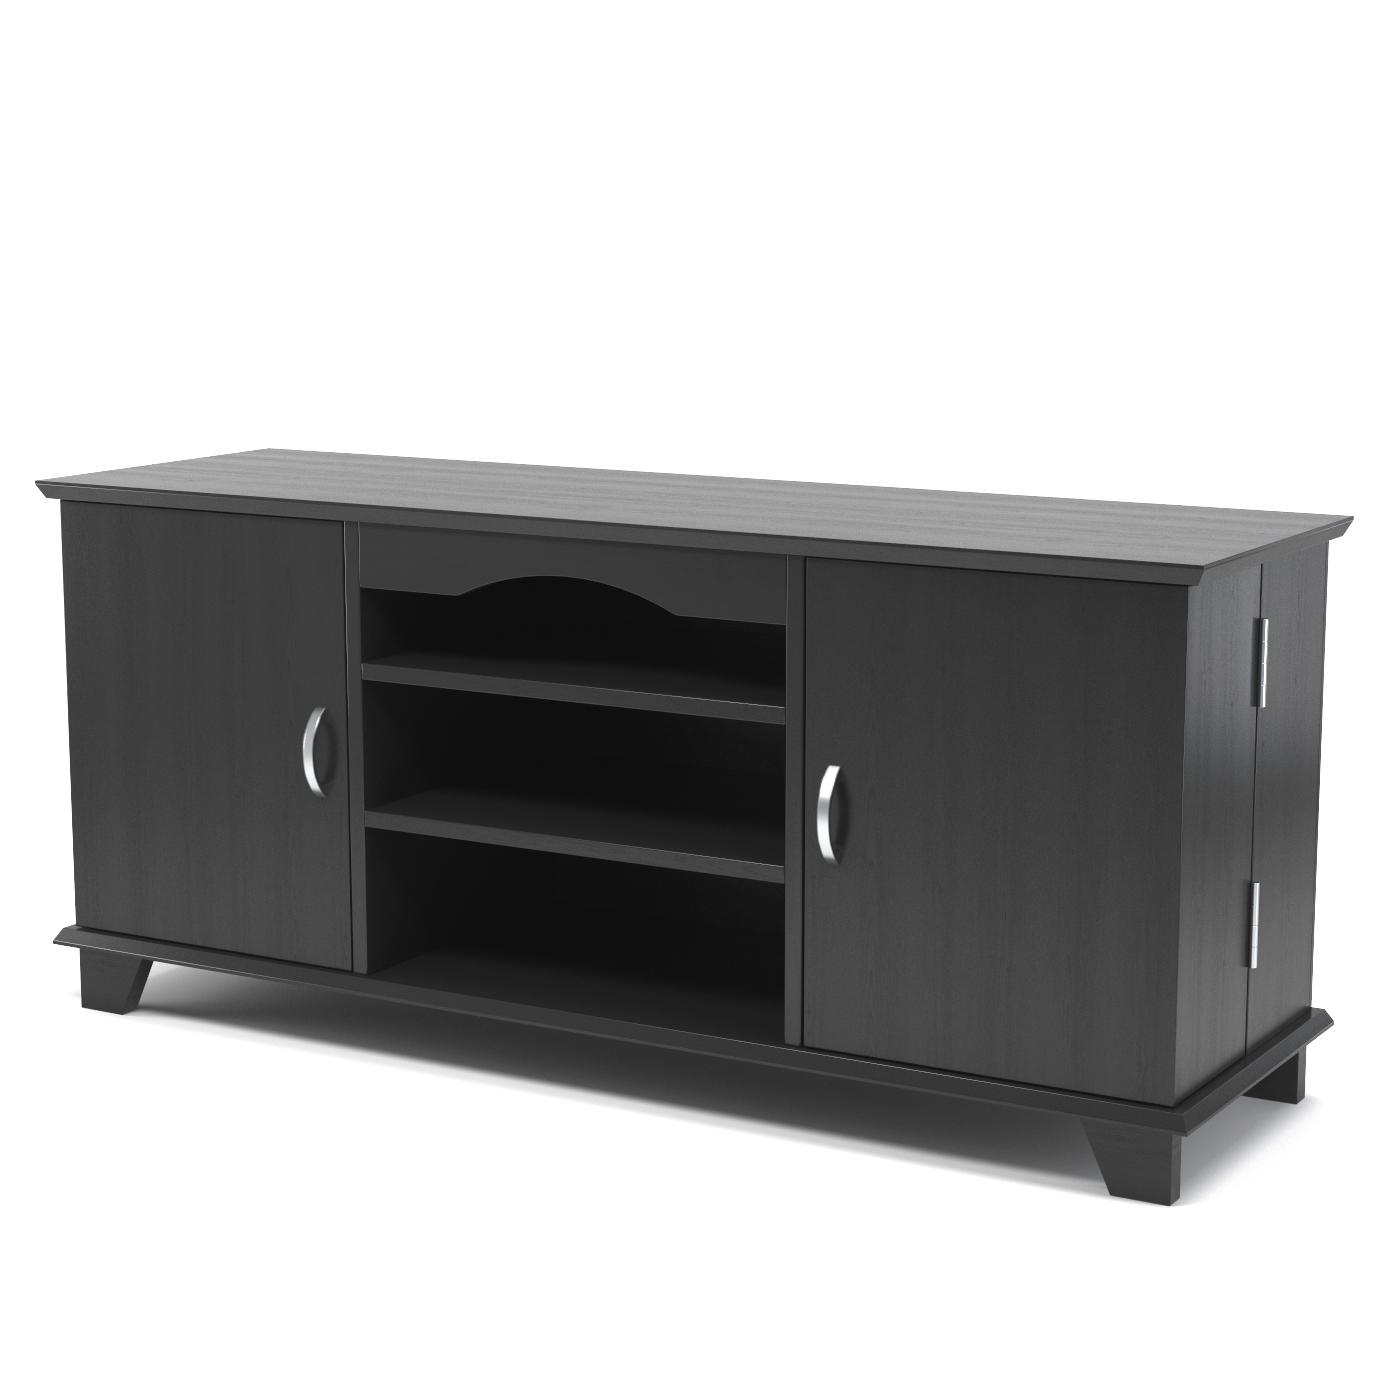 Ikea Hemnes Tv Stand Size : Hemnes Tv Stand Secondsunco